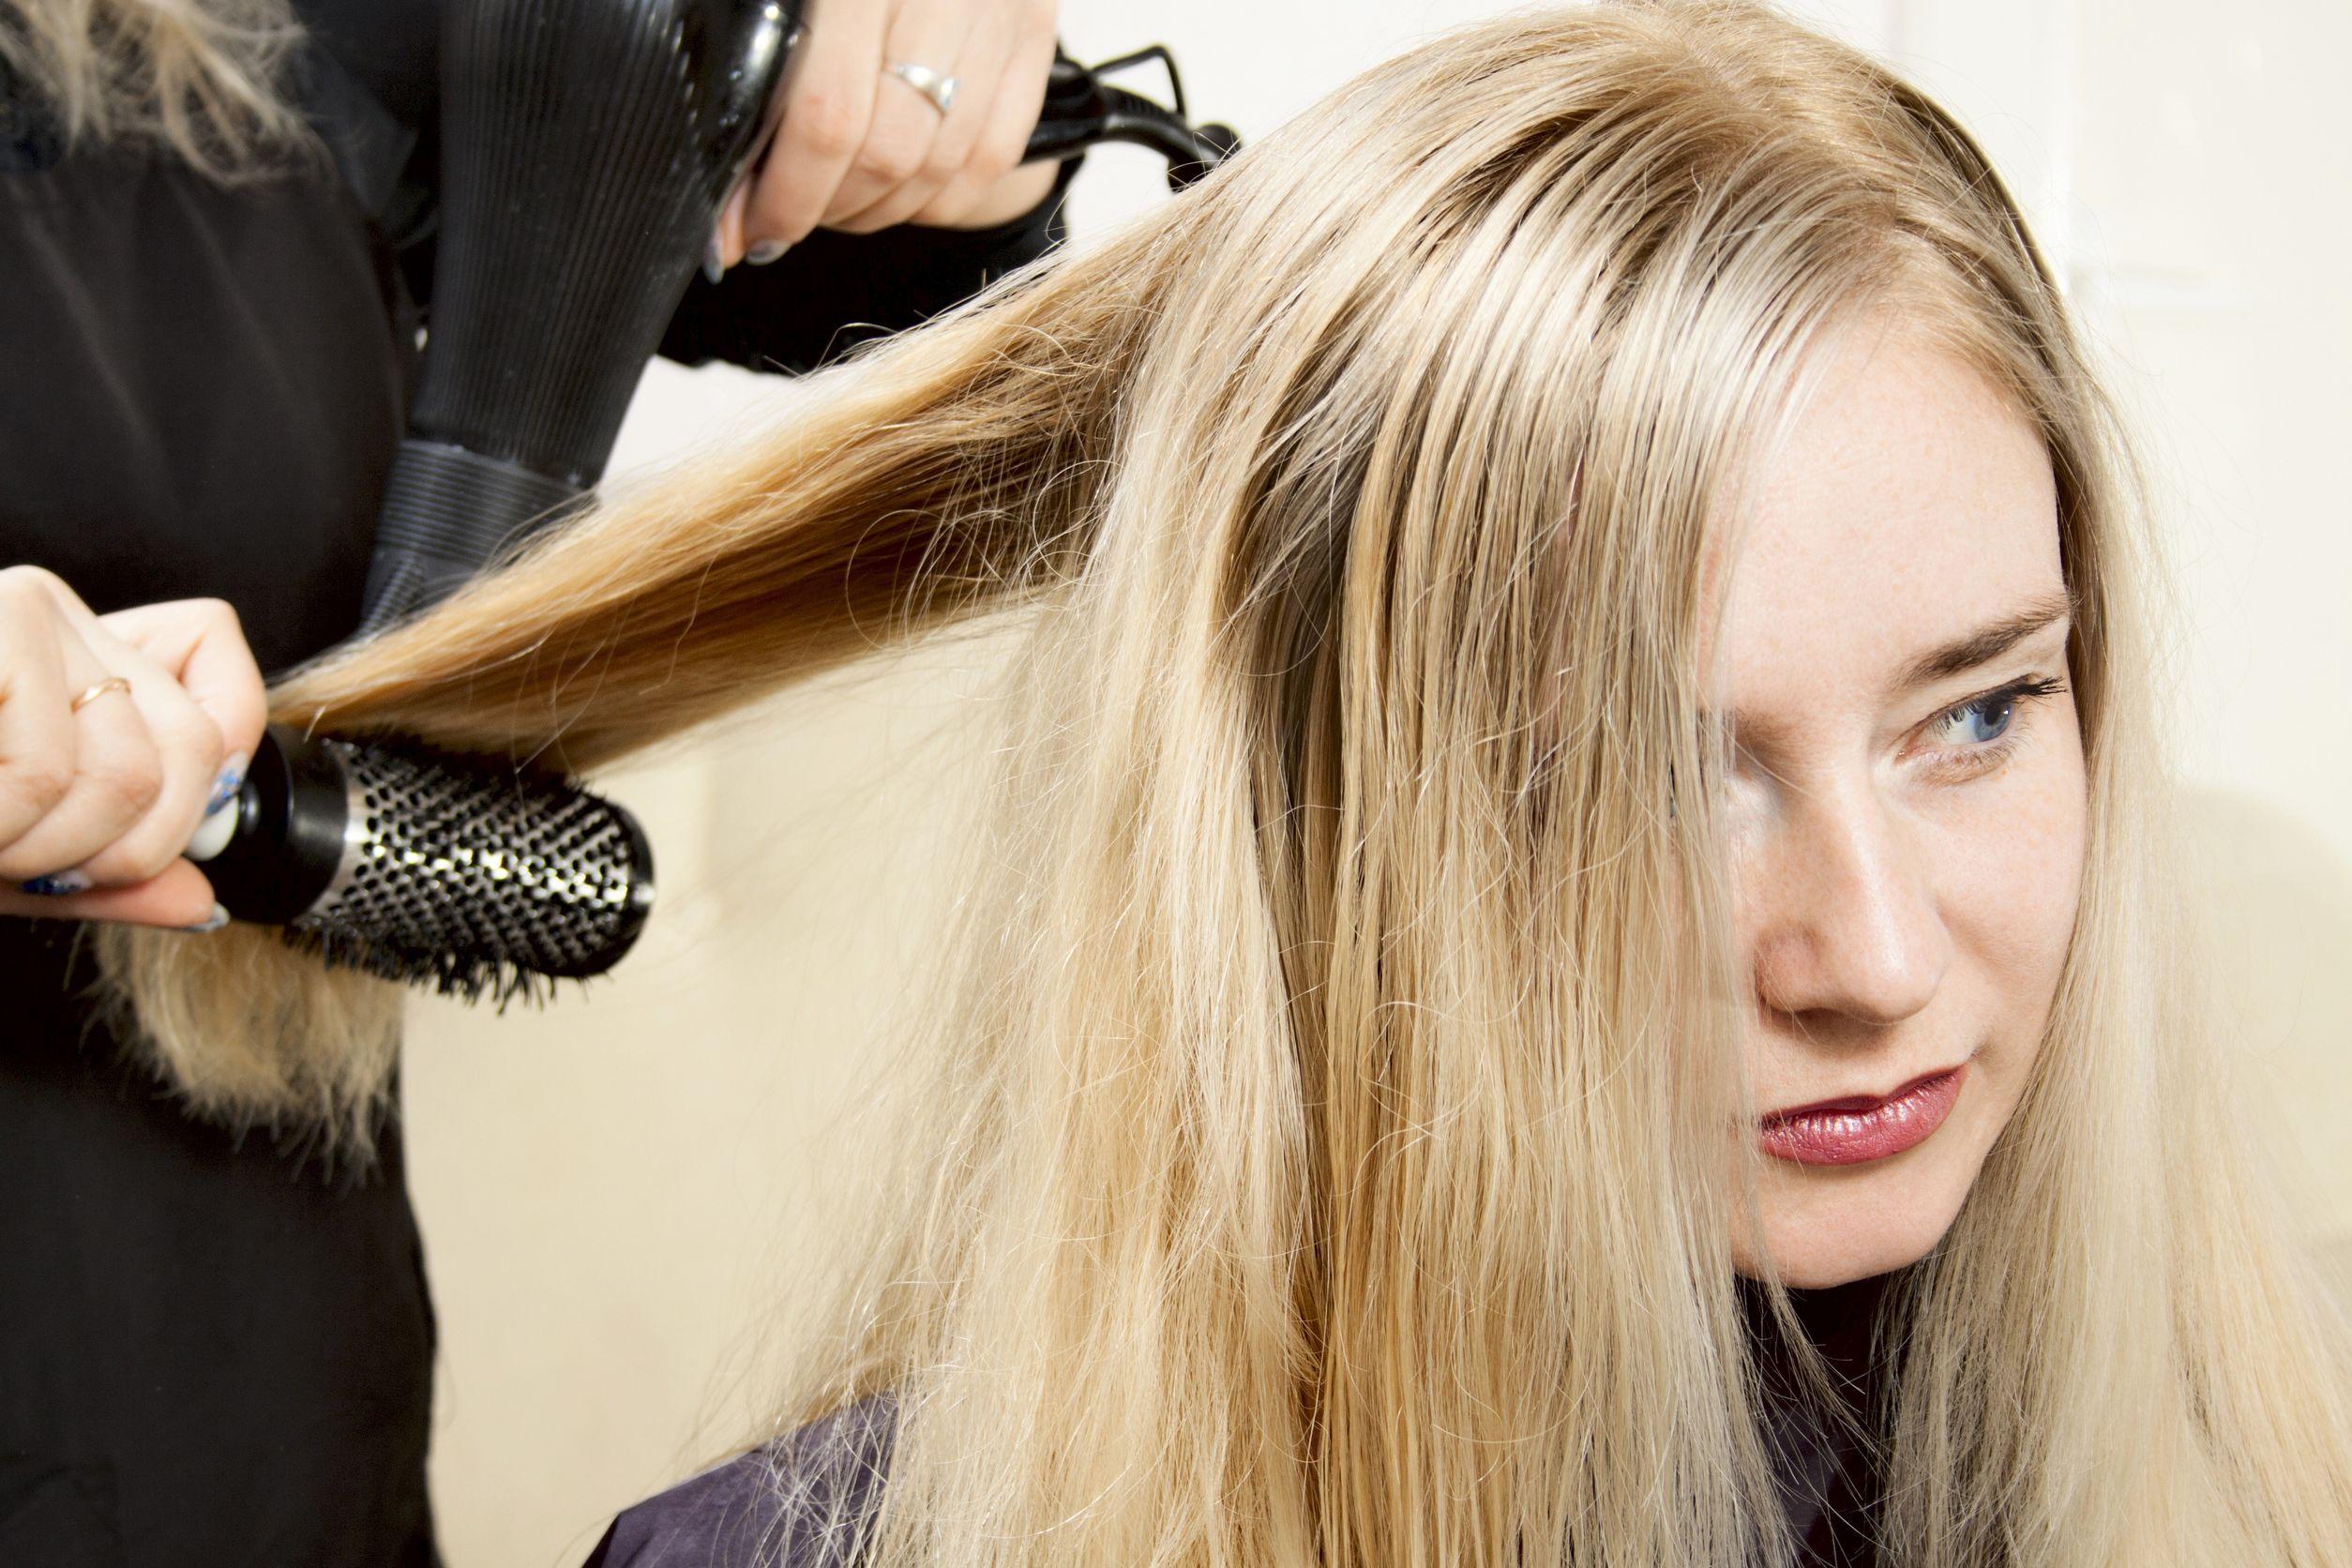 Cabelereira secando cabelo de uma mulher com secador e escova em um salão de beleza.